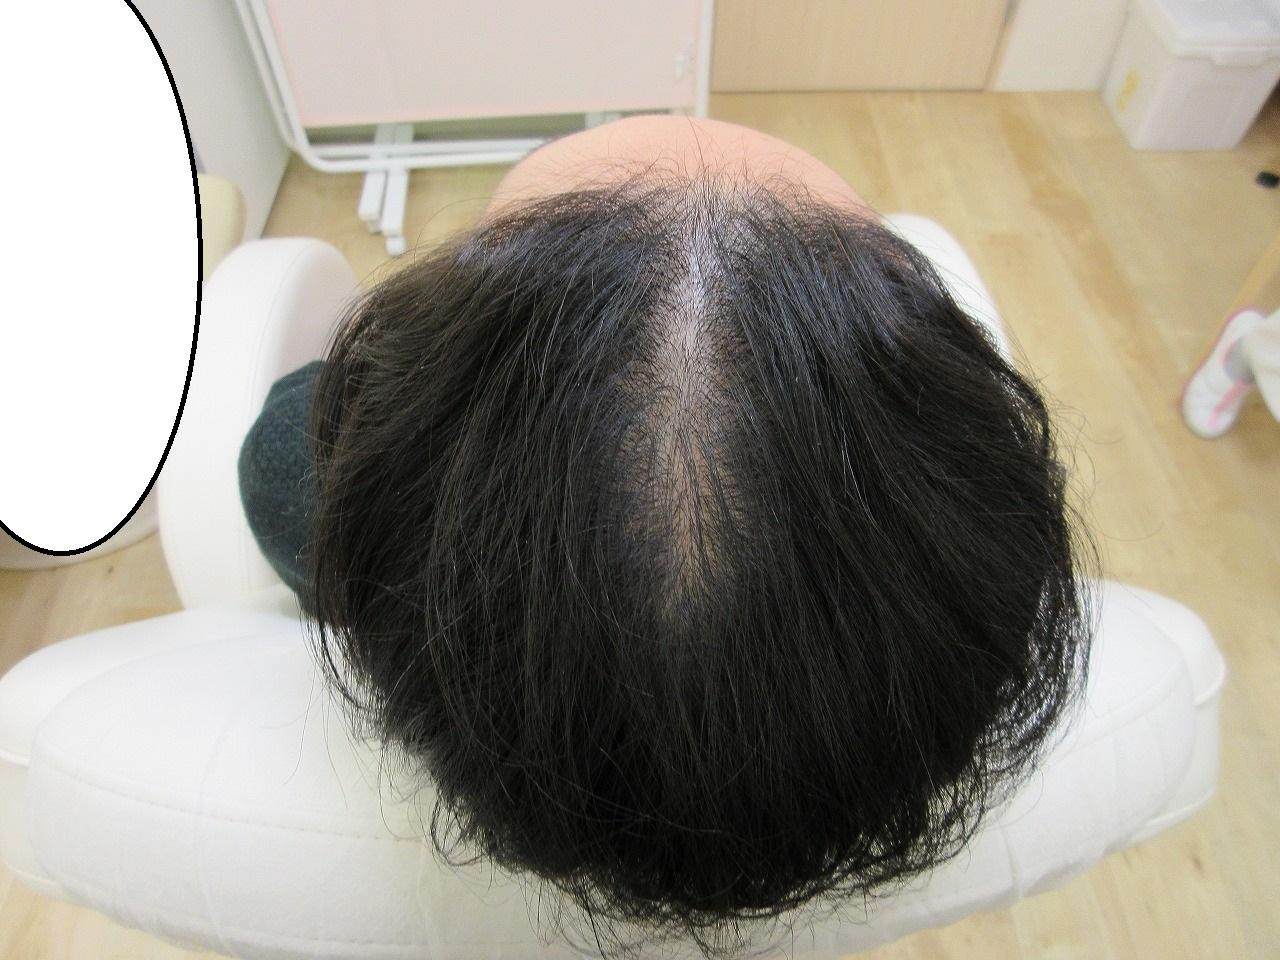 女性の薄毛治療。頭皮のメソセラピー。7回目で効果が出始めています。